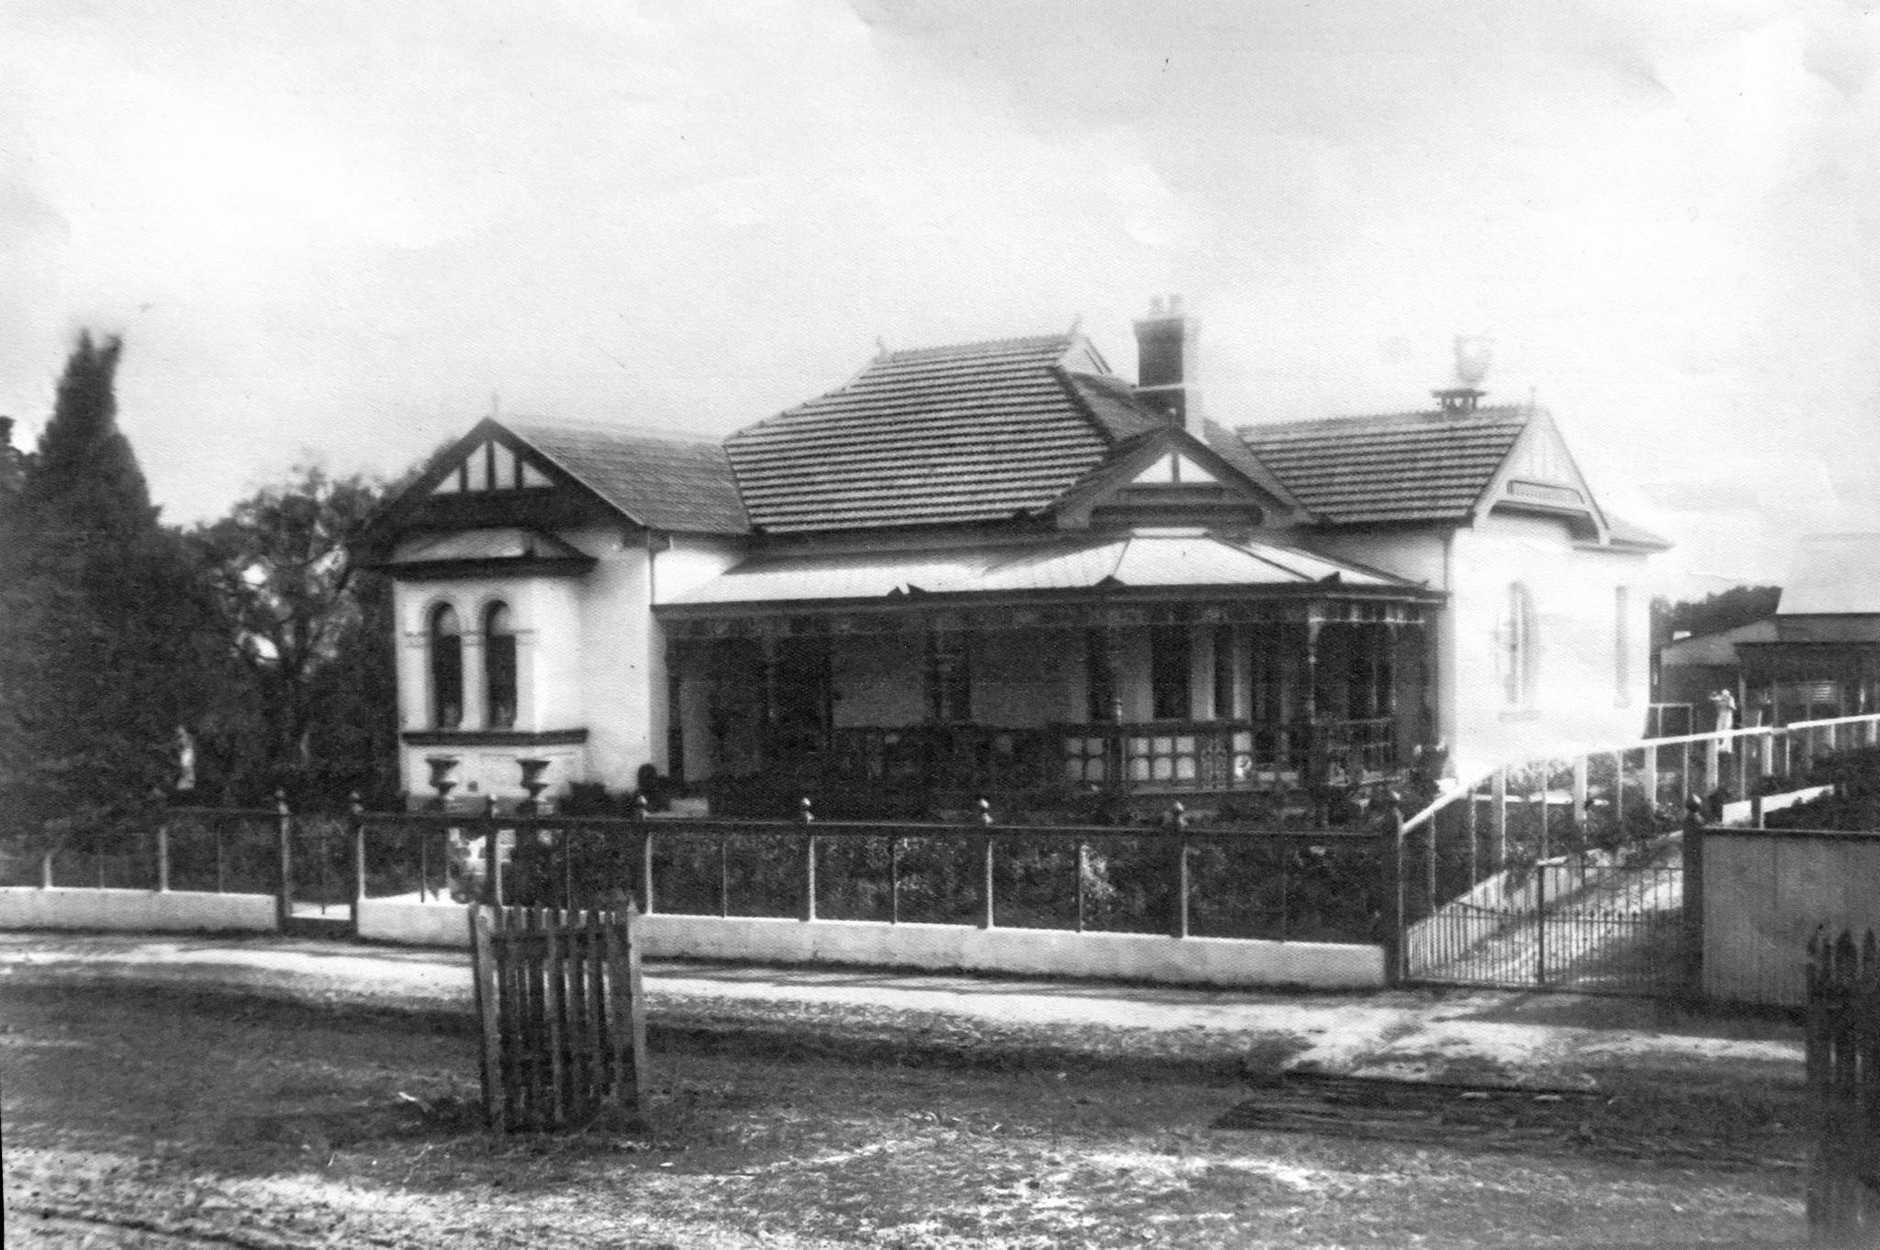 The original Schaeffer House.